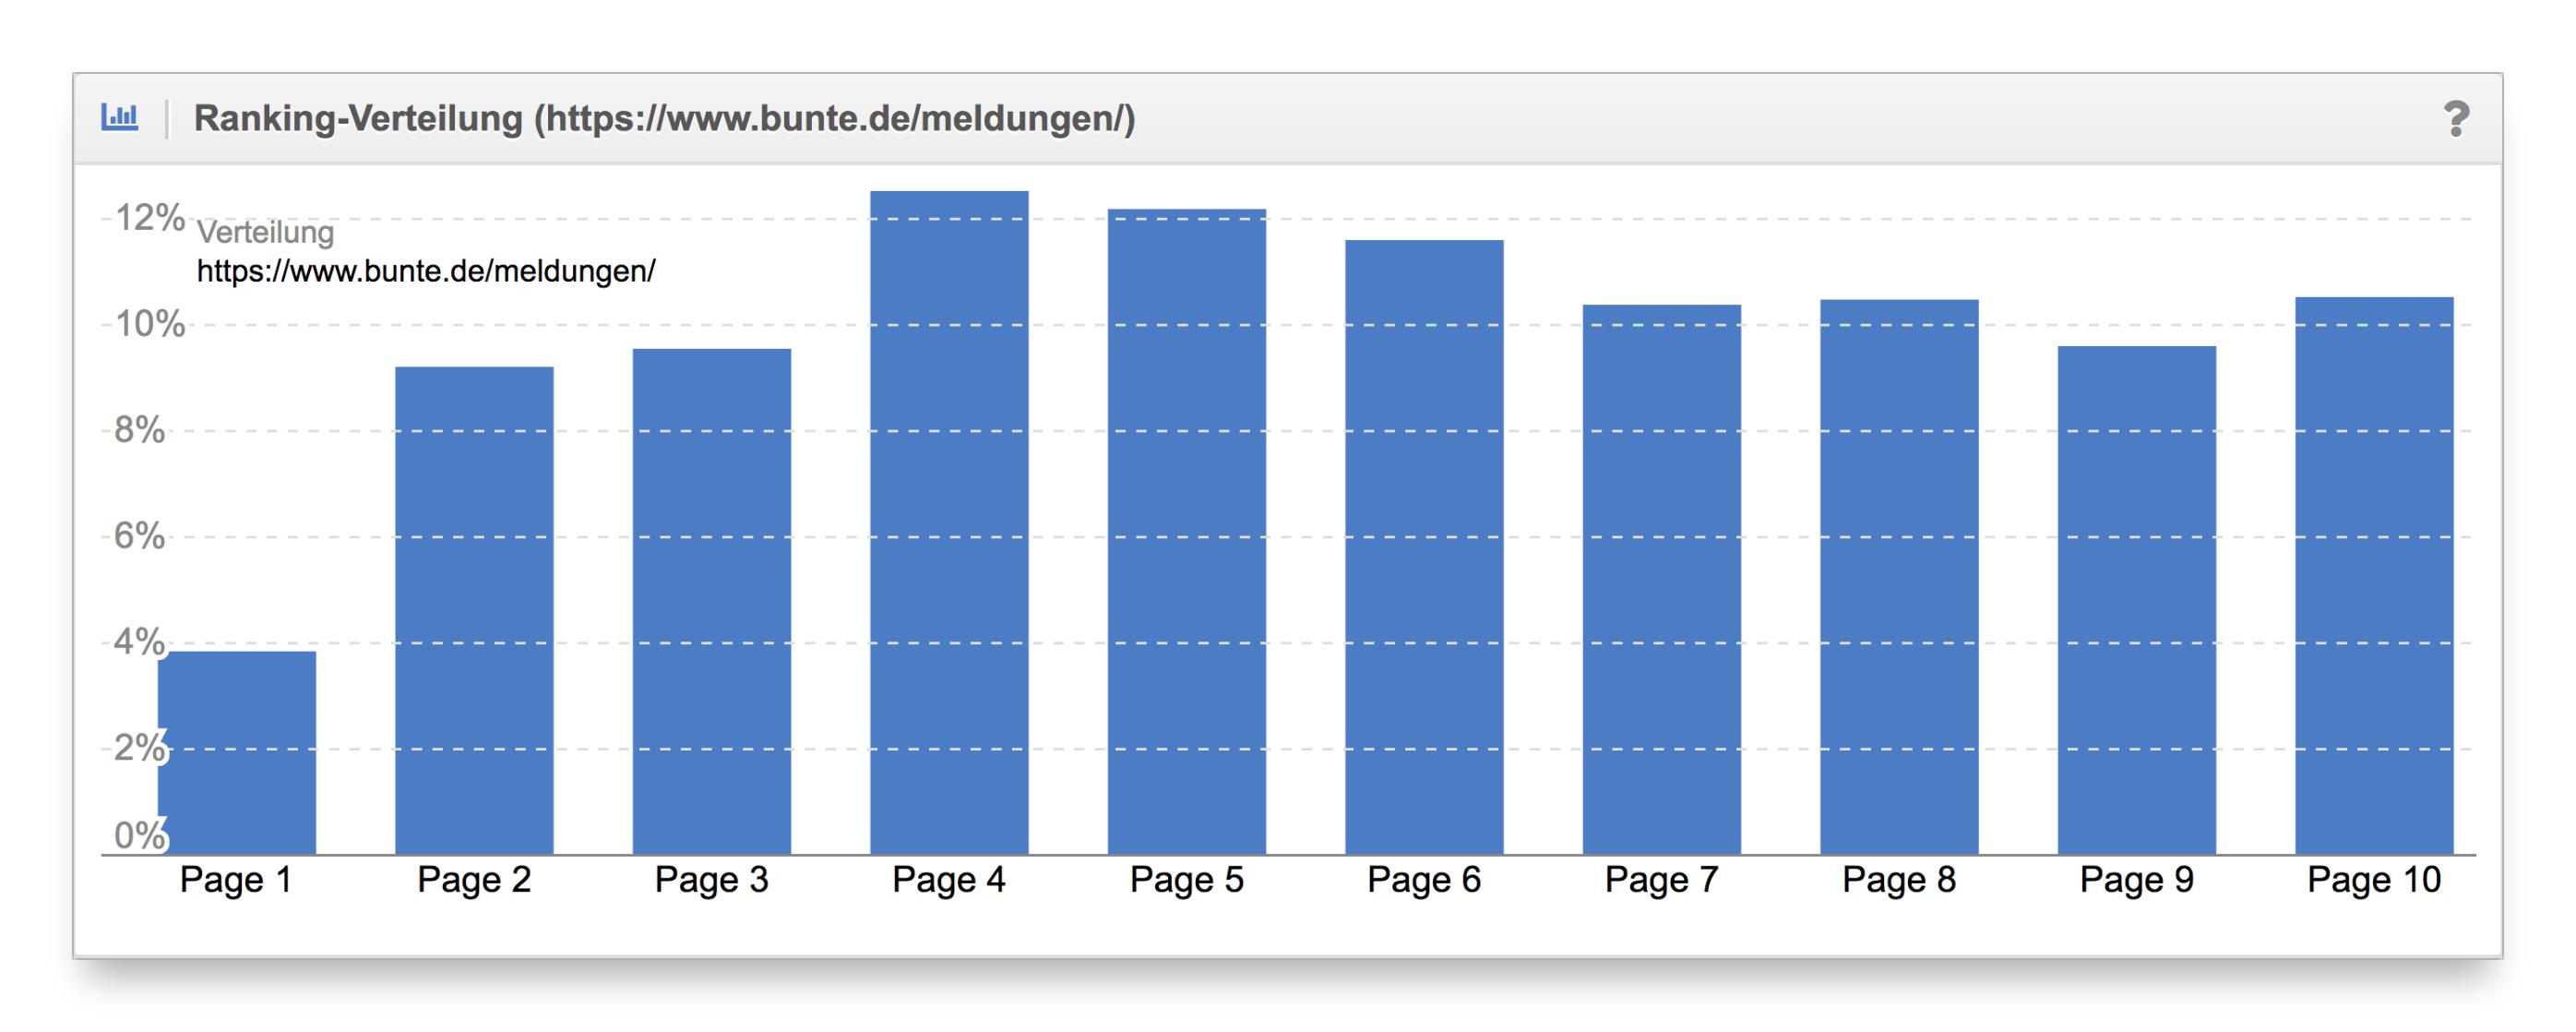 Vergleich Ranking-Verteilung Content-Formate bunte.de